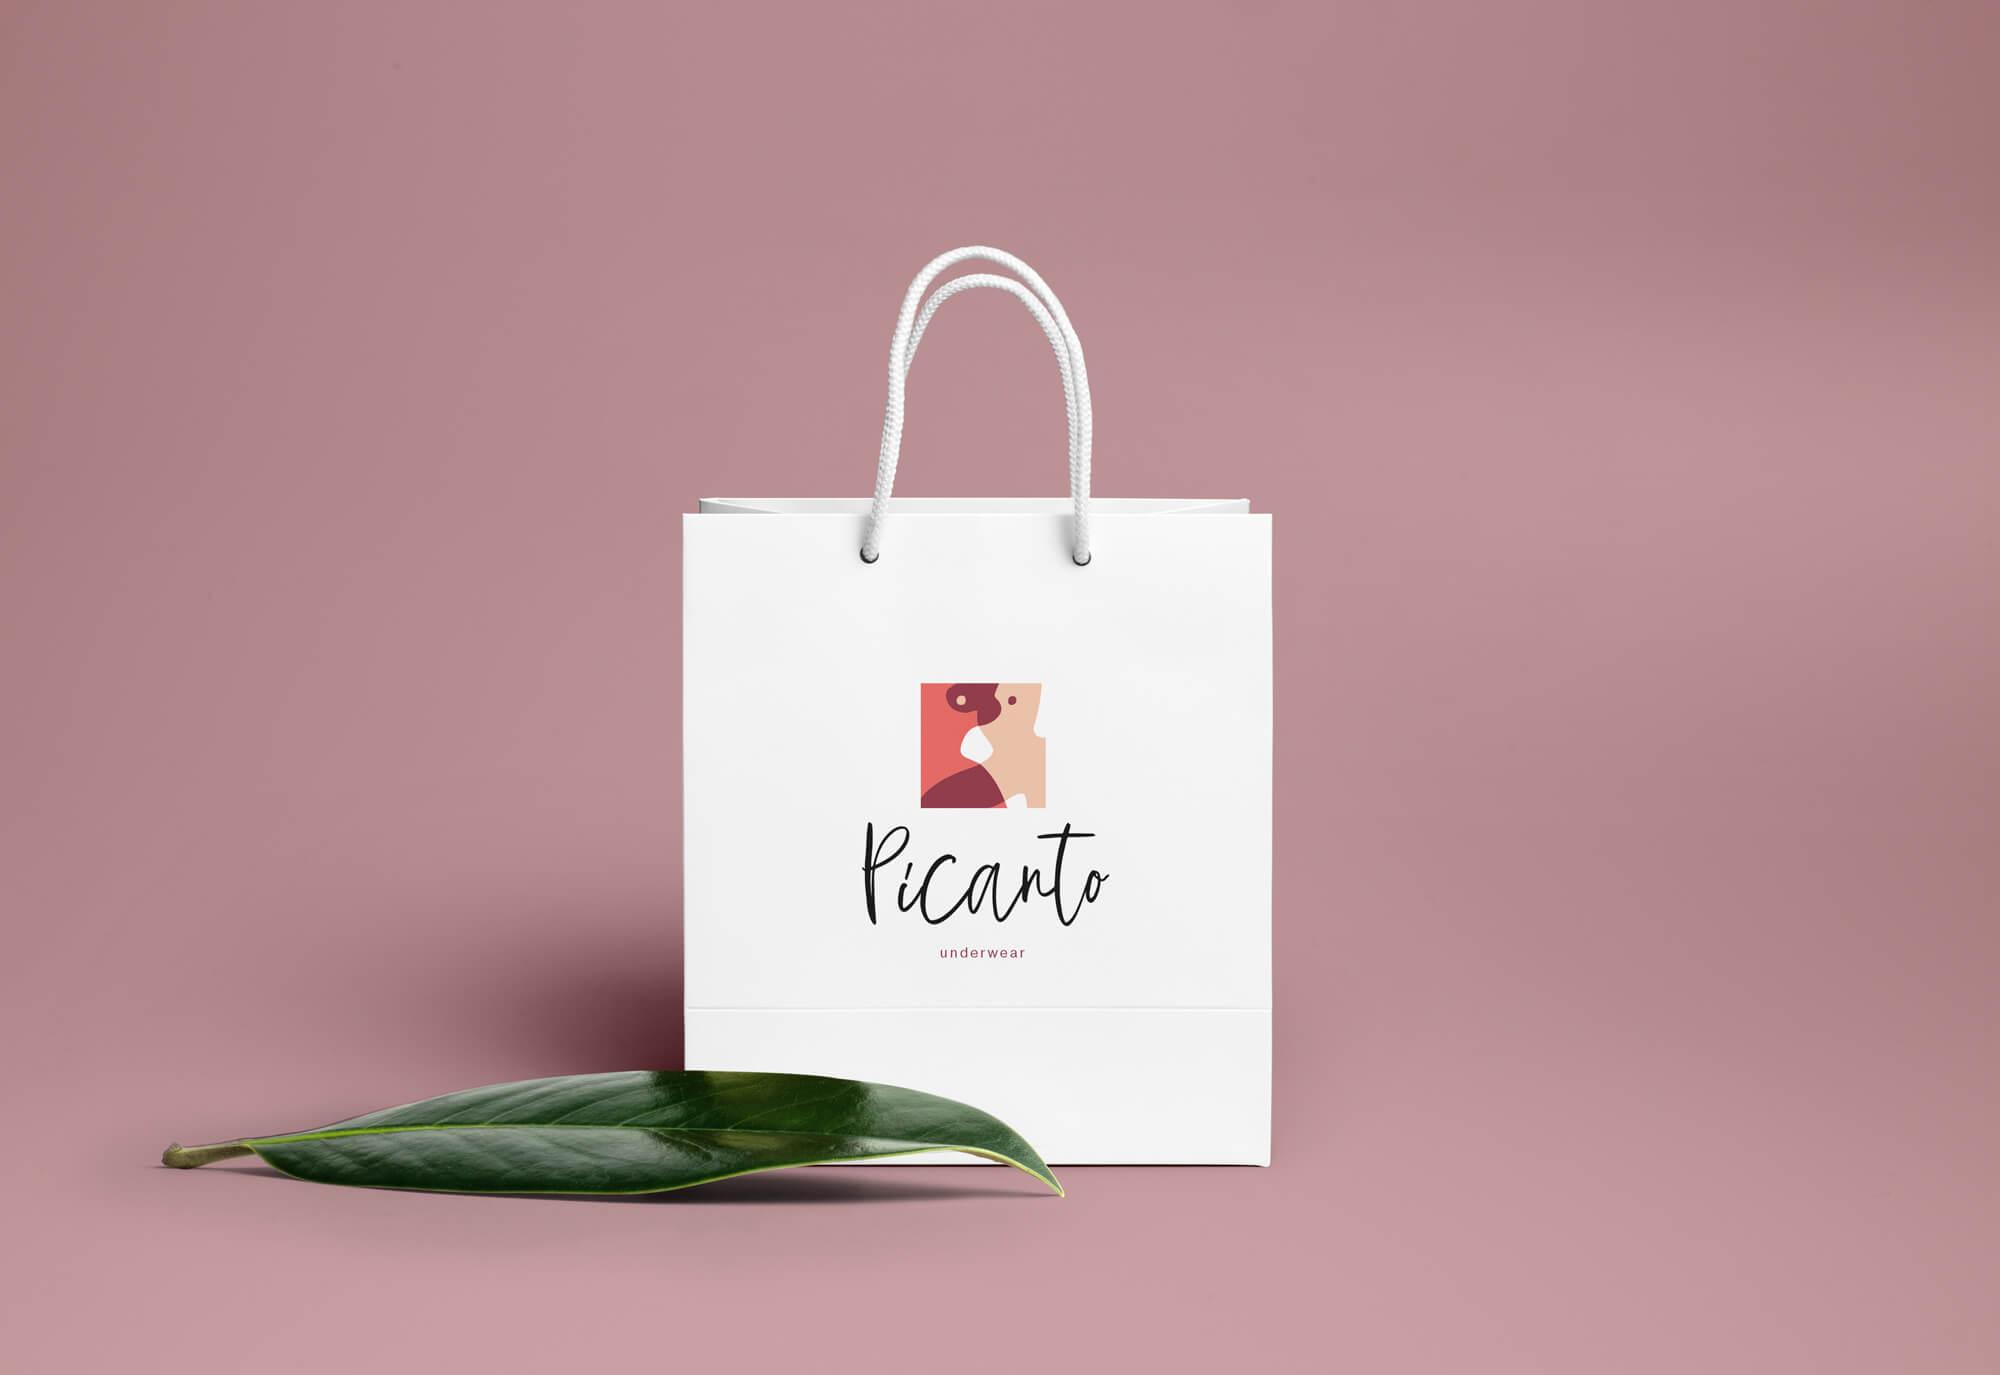 Фирменный стиль бренда Picanto - пакет